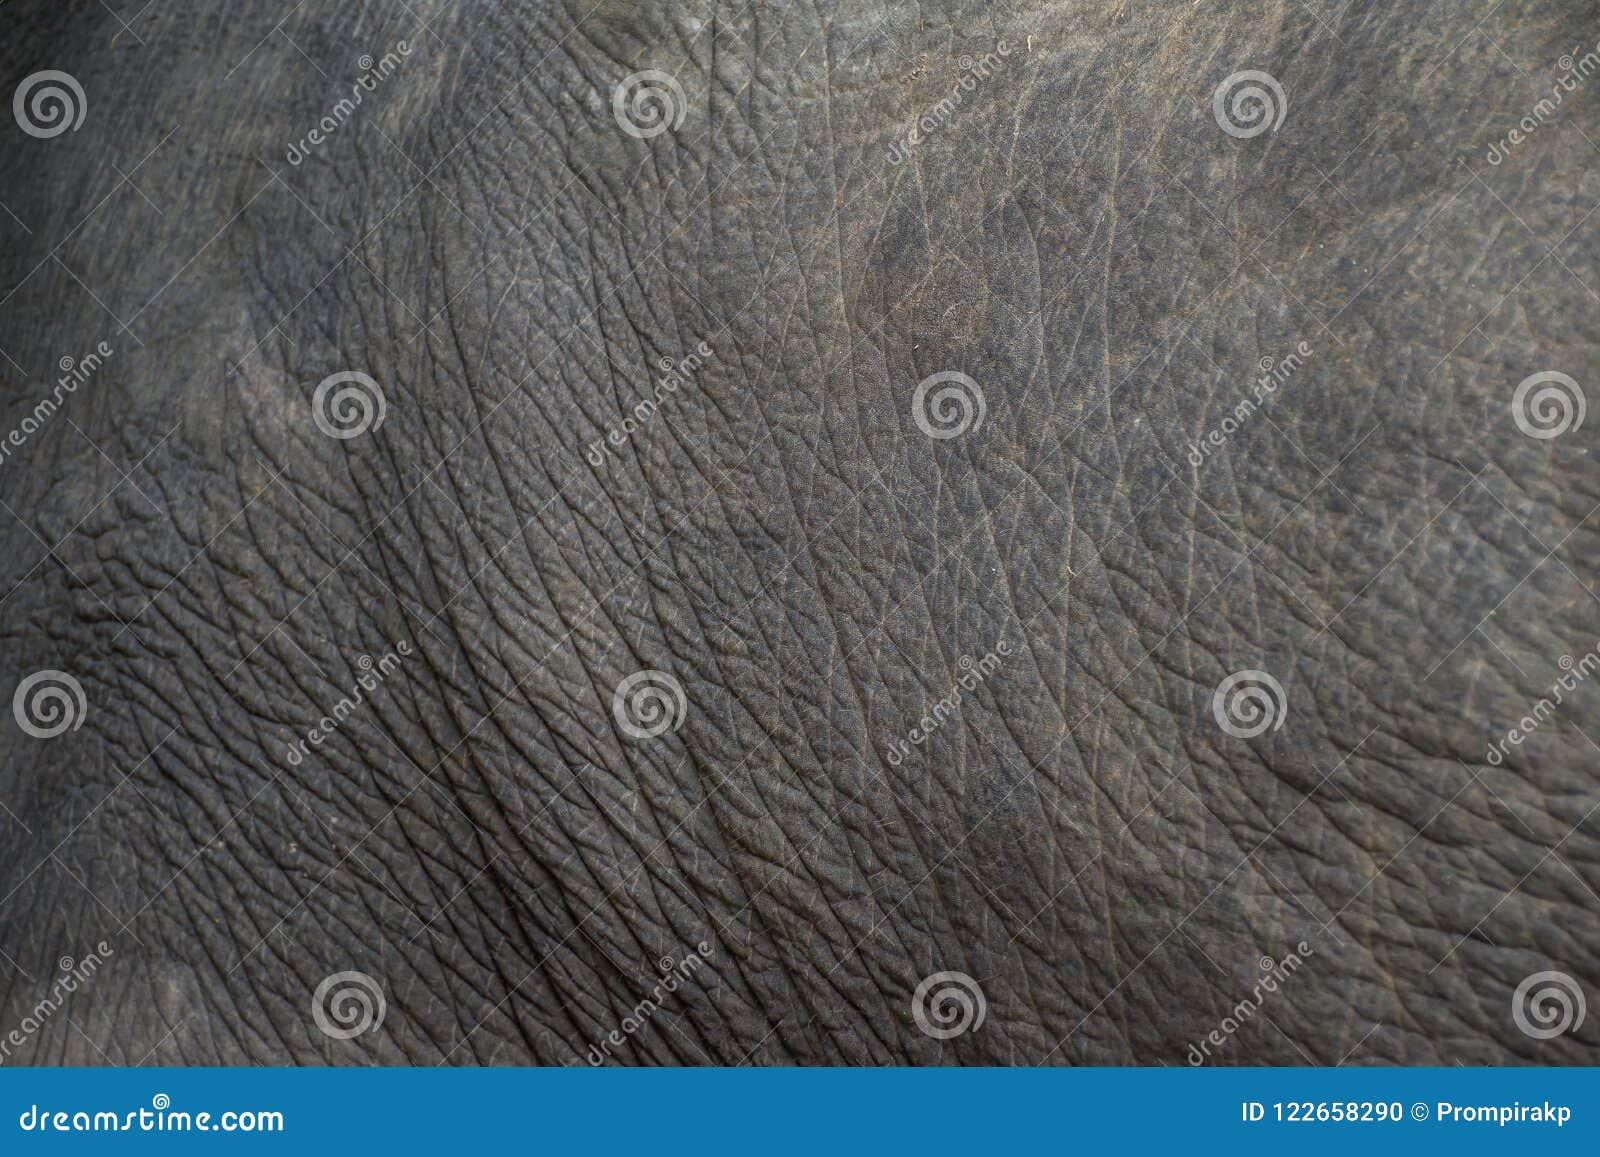 piel del elefante